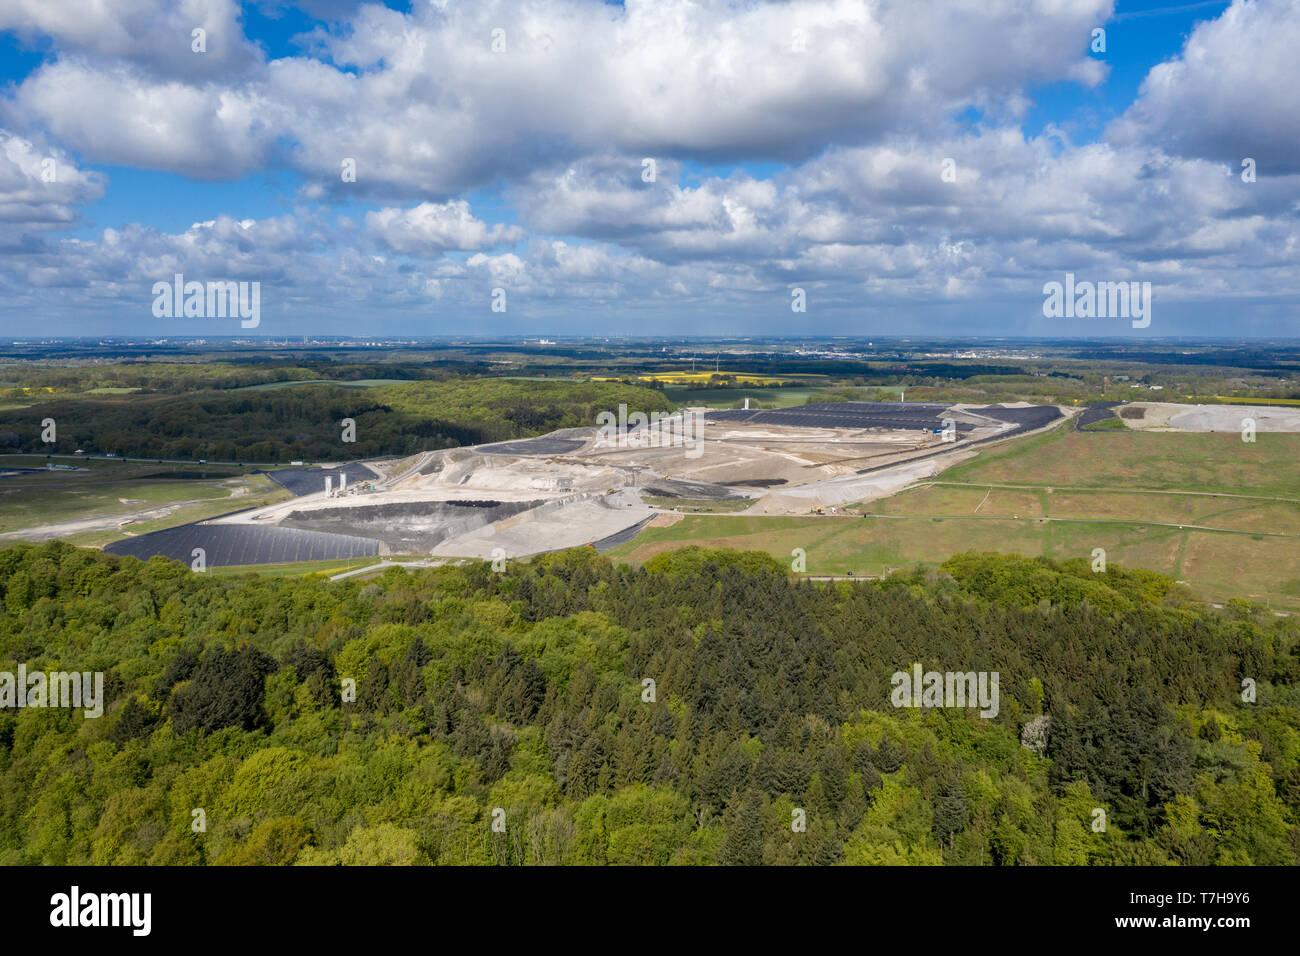 Europas größte giftige Abfälle Deponie Ihlenberg im Norden Deutschlands Stockfoto